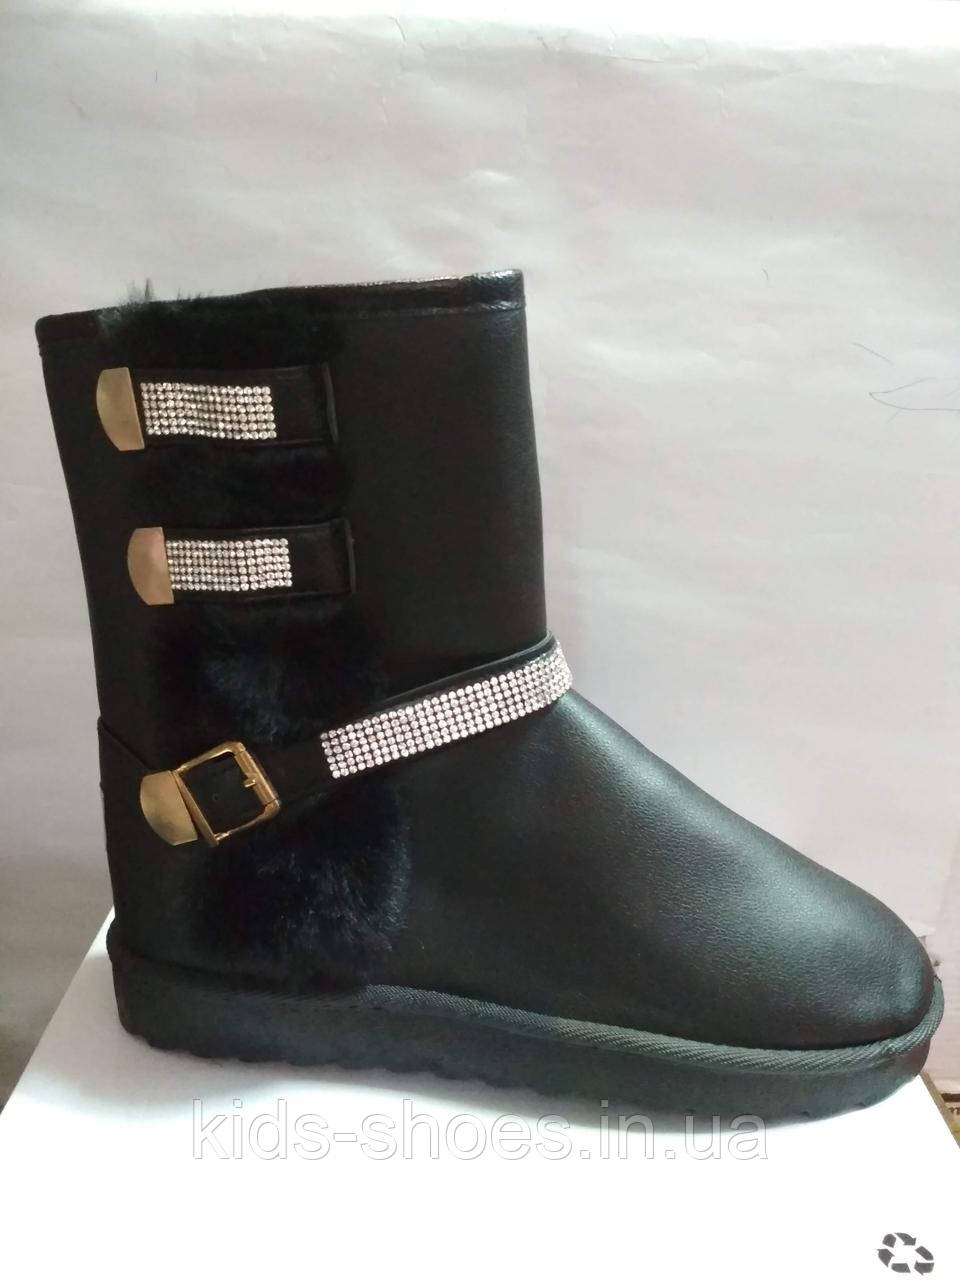 Зимові чоботи Уггі Luchsie жіночі 41-26.5